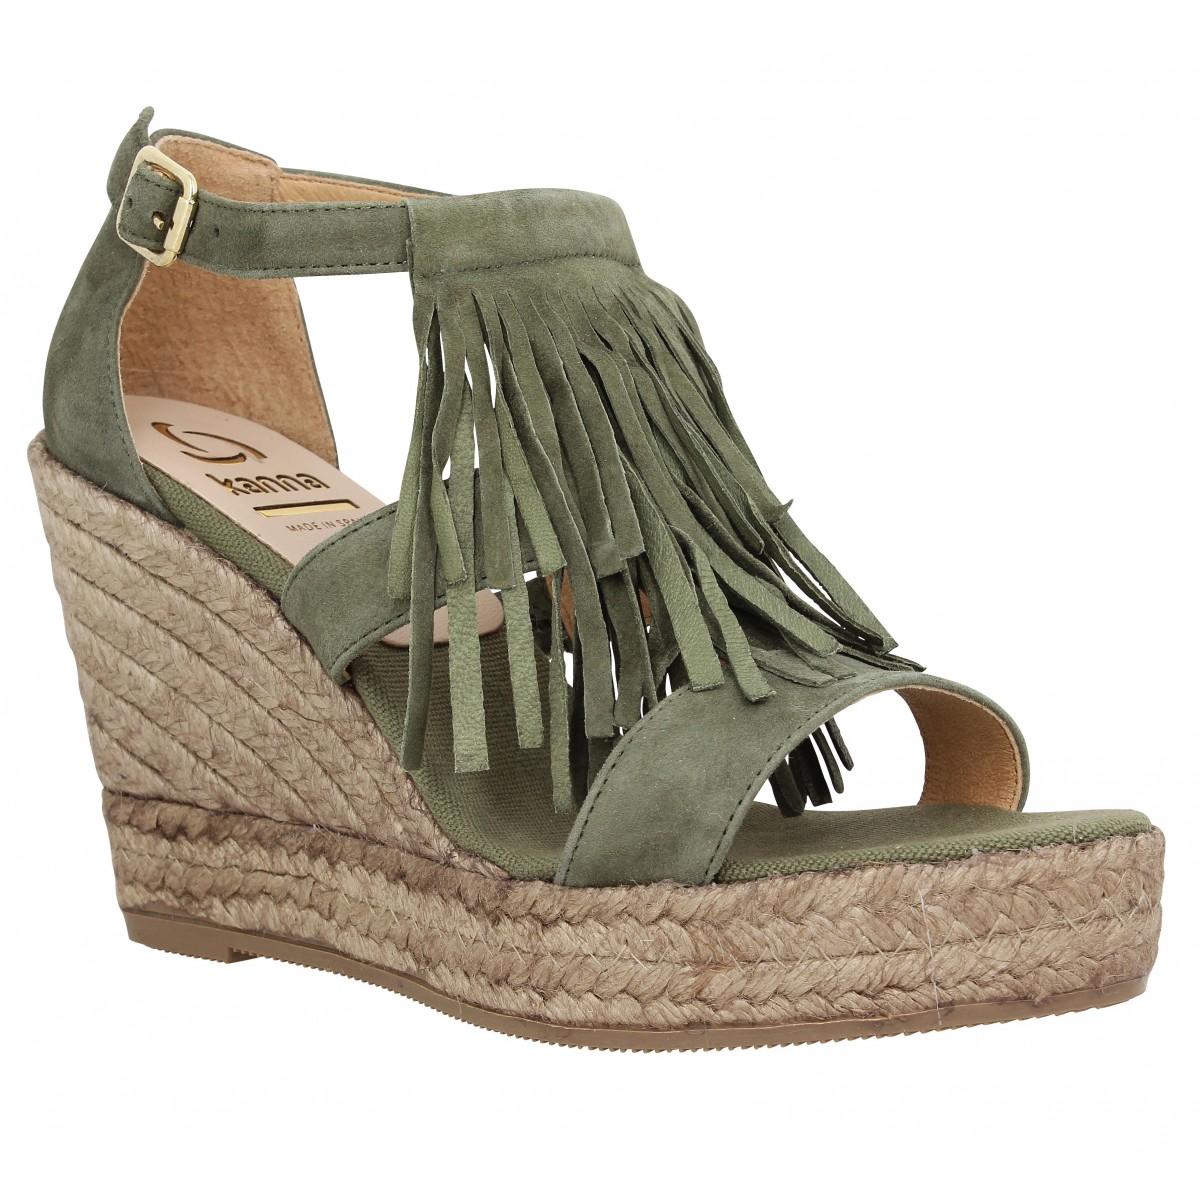 Chaussures kaki femme stMVLg5NIS